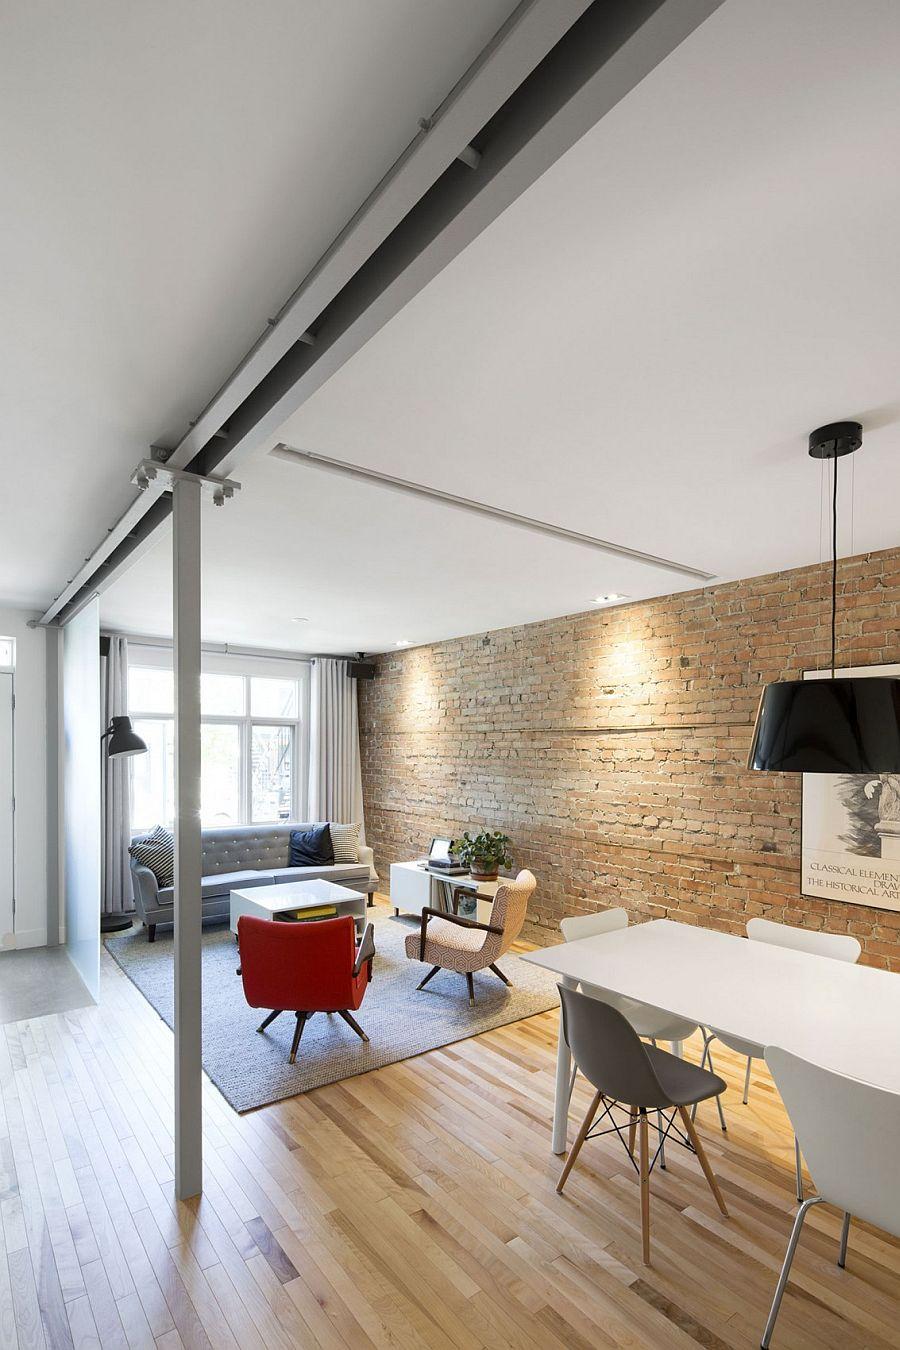 Квартира в стиле лофт: фото + идеи